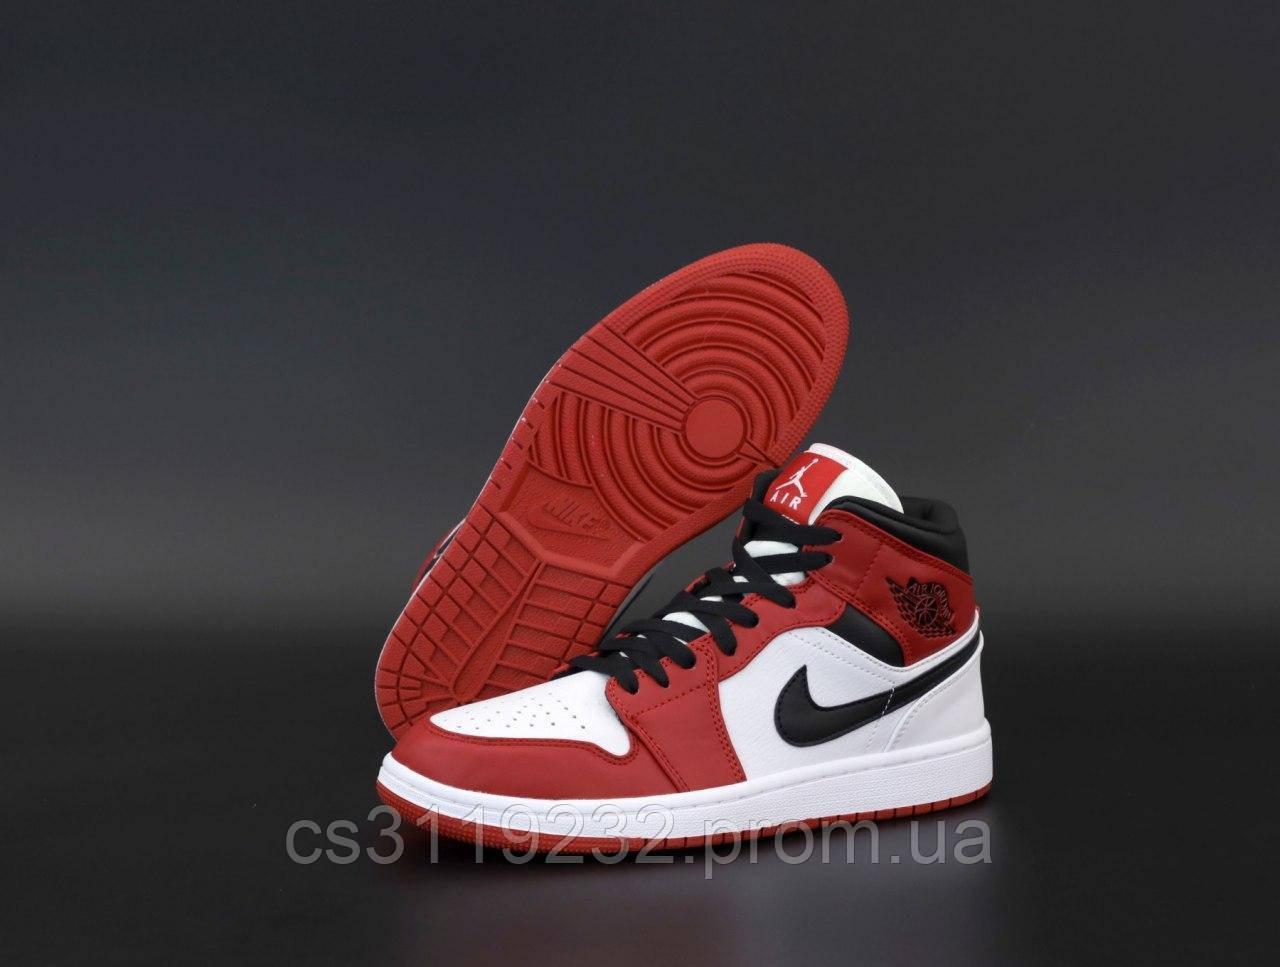 Мужские кроссовки Nike Air Jordan 1 Red (красные)